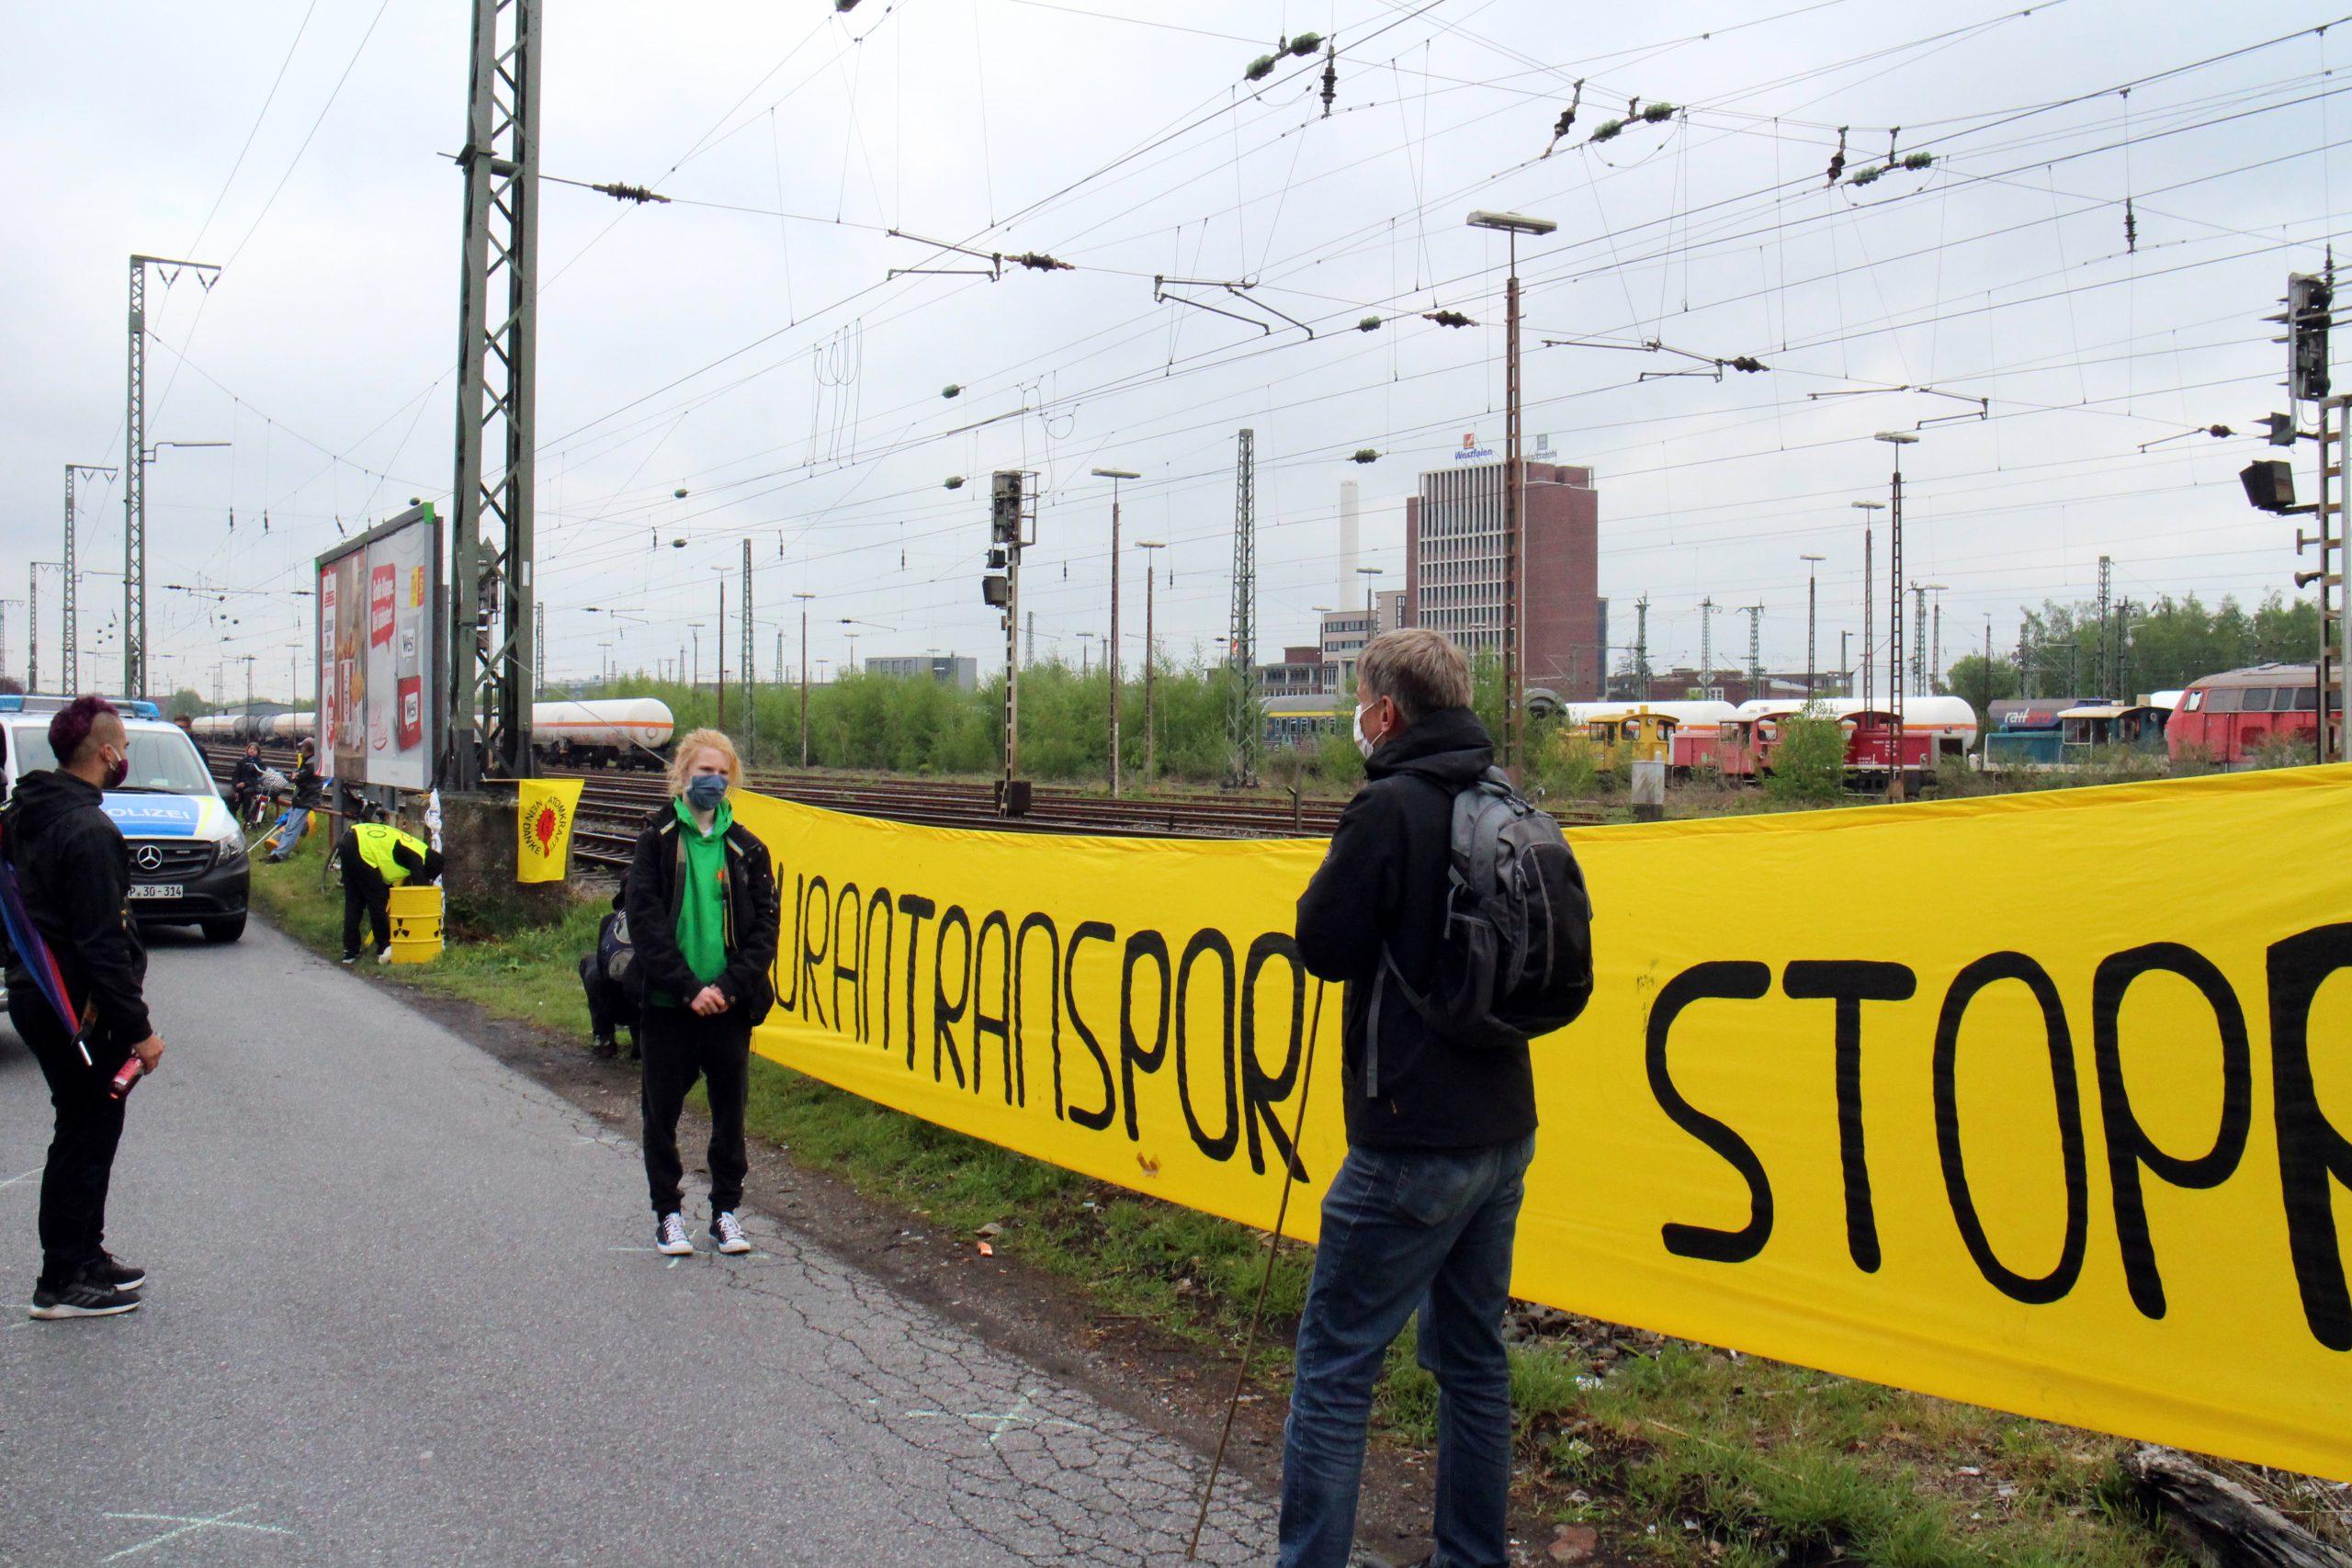 Dritte Mahnwache gegen Uranmülltransporte: Diesmal fuhr der Zug wieder